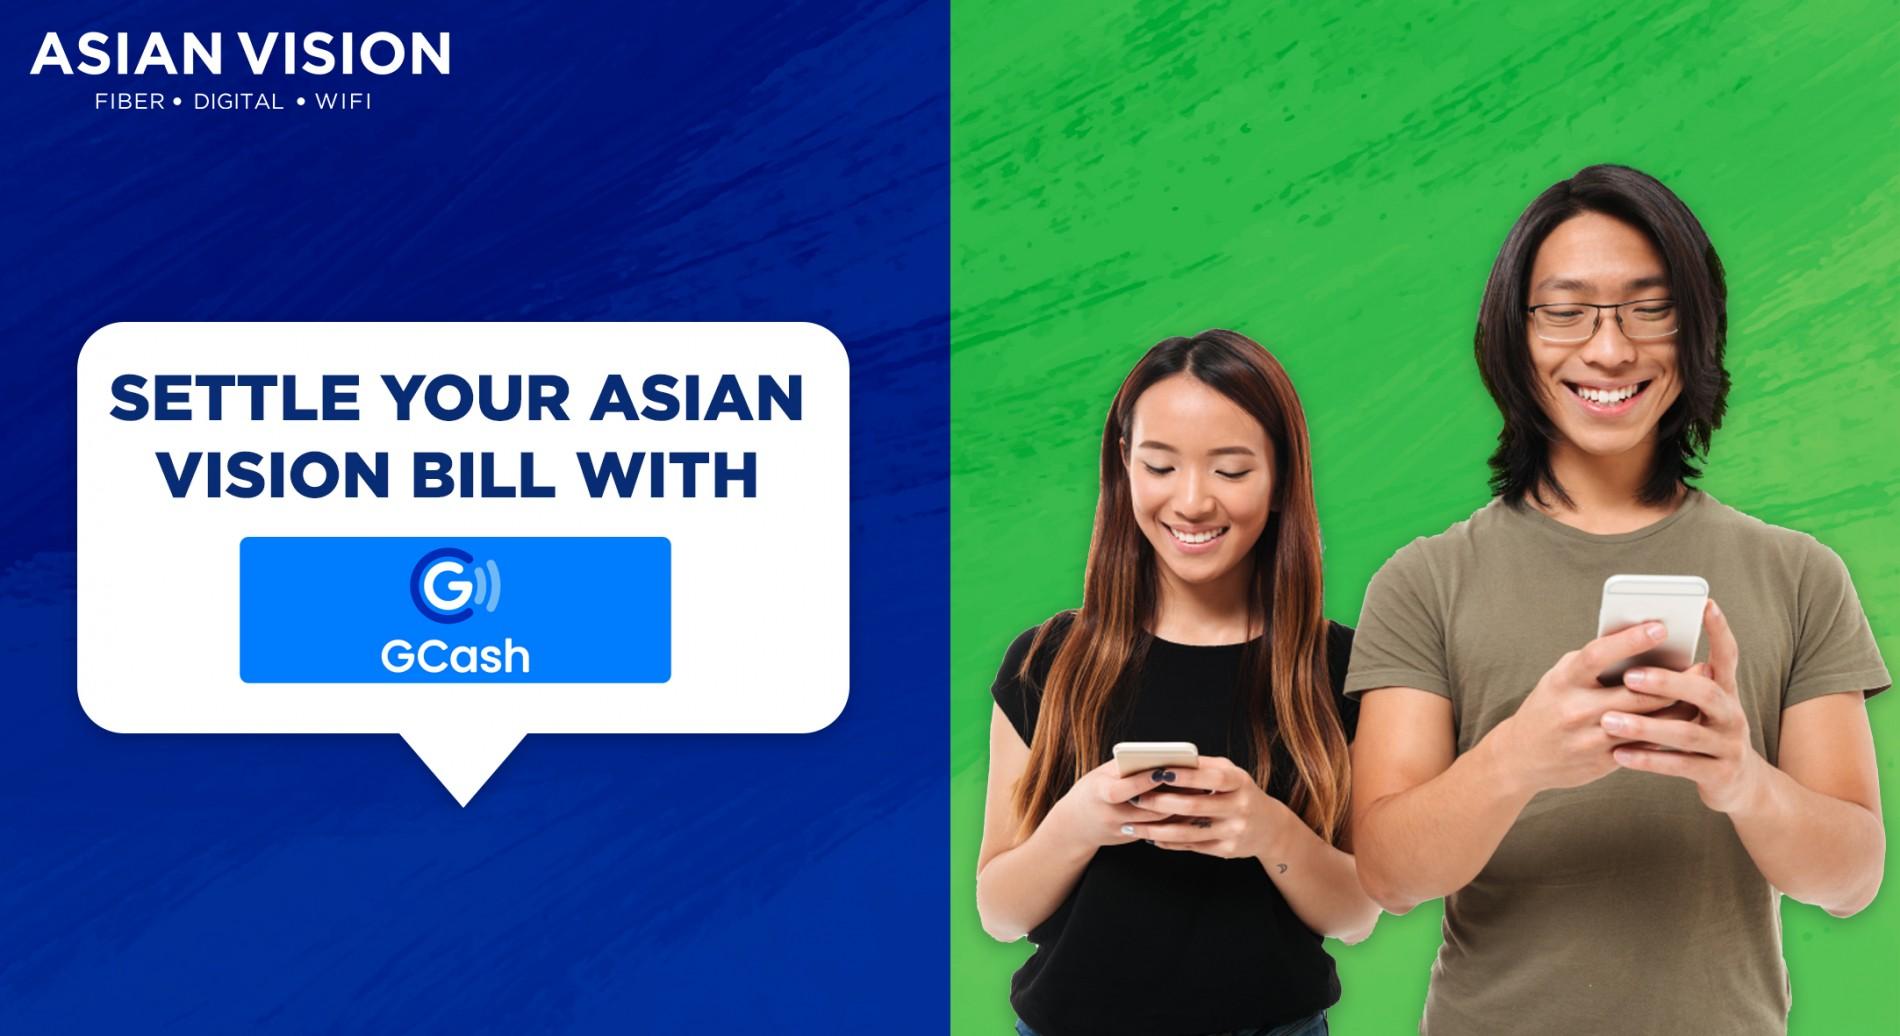 Asian Vision